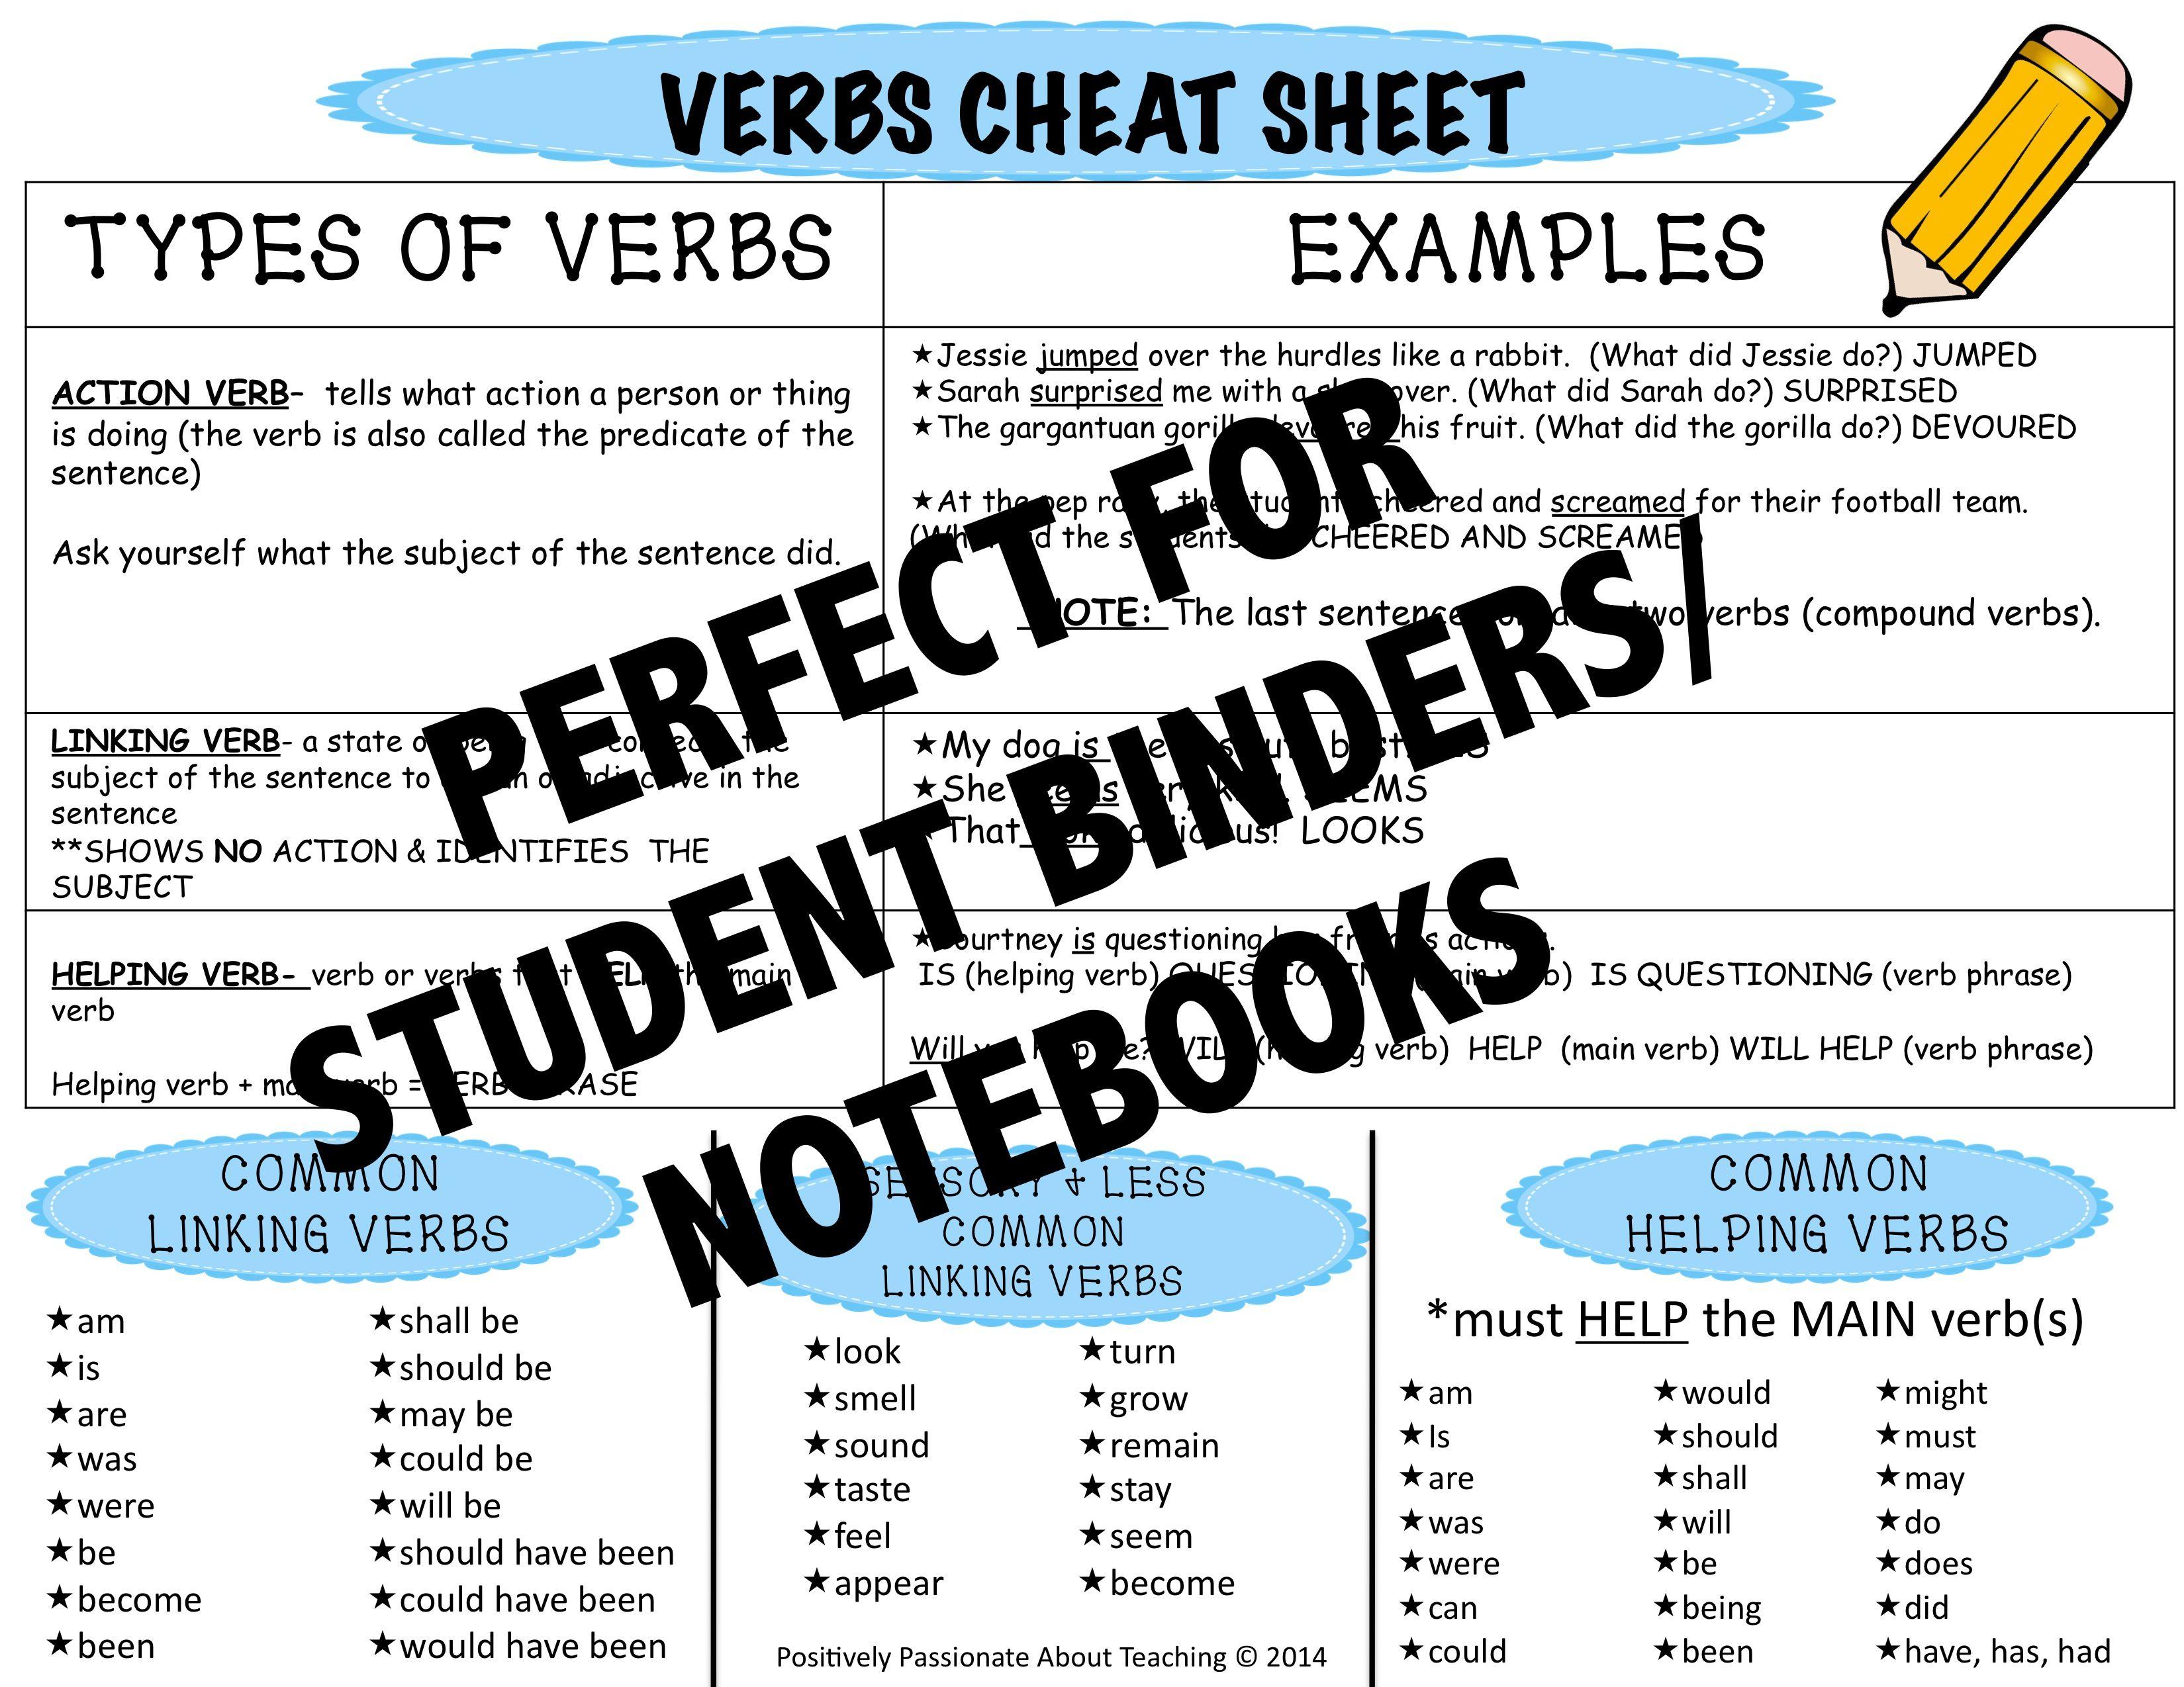 Verbs Cheat Sheet Grammar Resource For Interactive